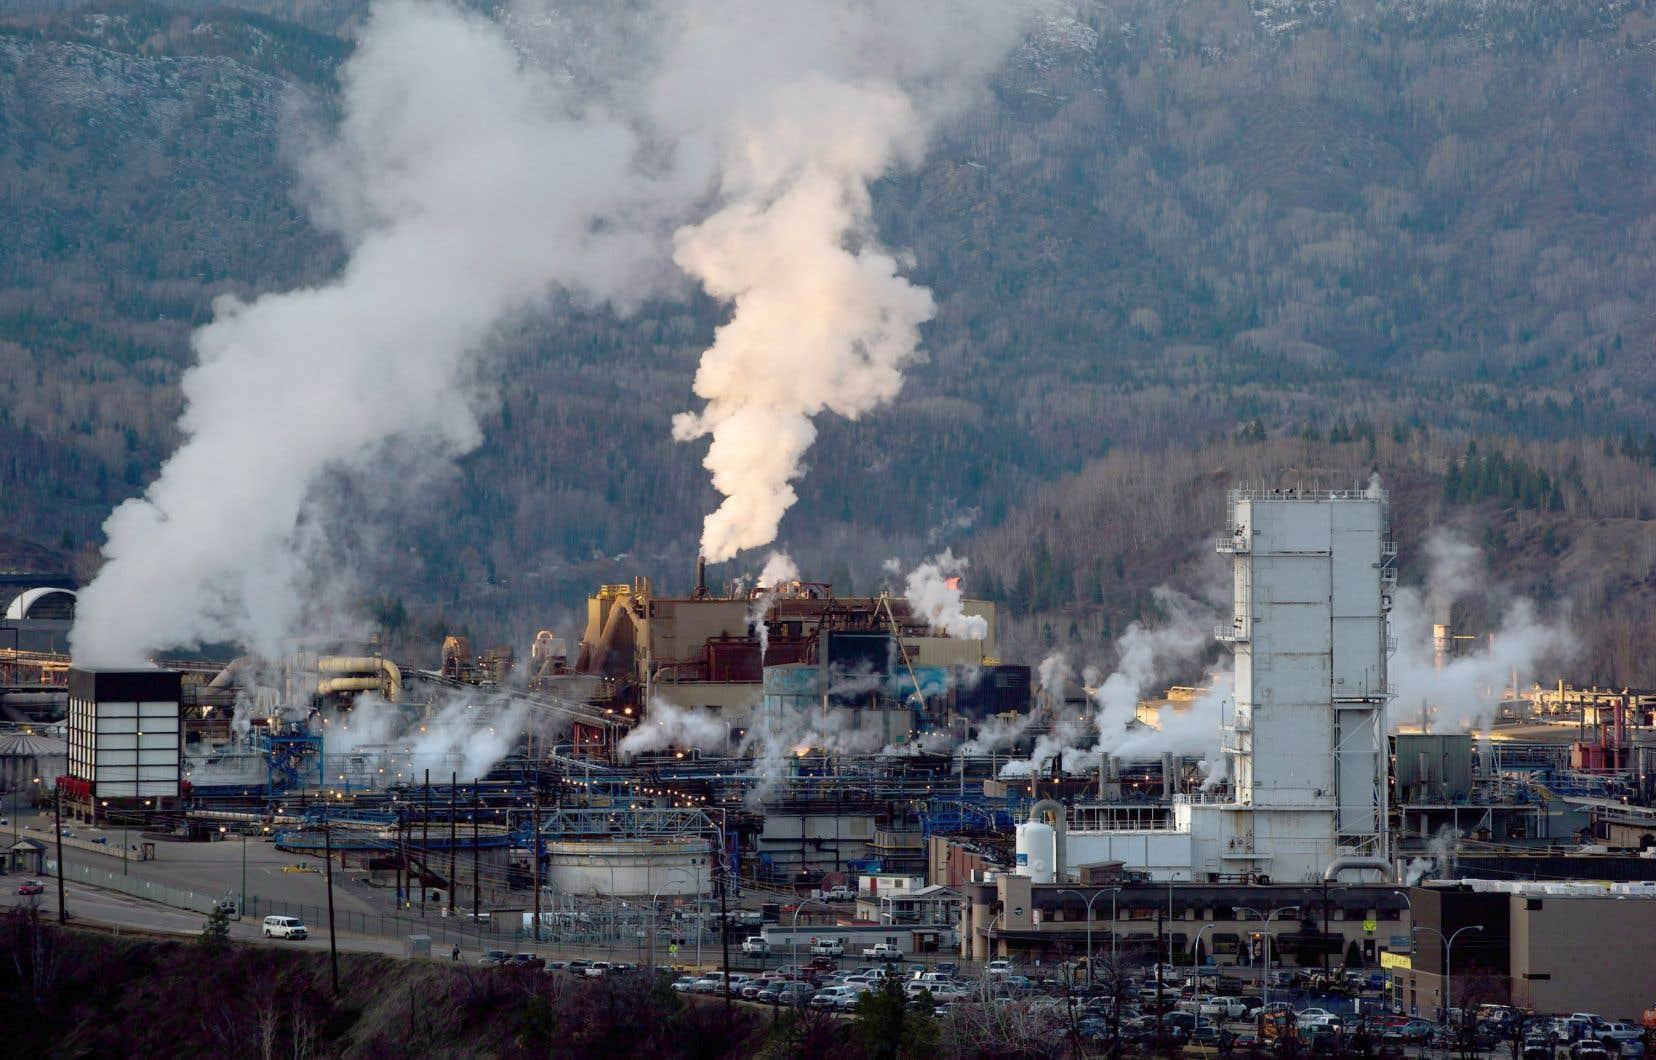 Le projet pétrolier devrait émettre environ quatre millions de tonnes de gaz à effet de serre par année pendant 40 ans.